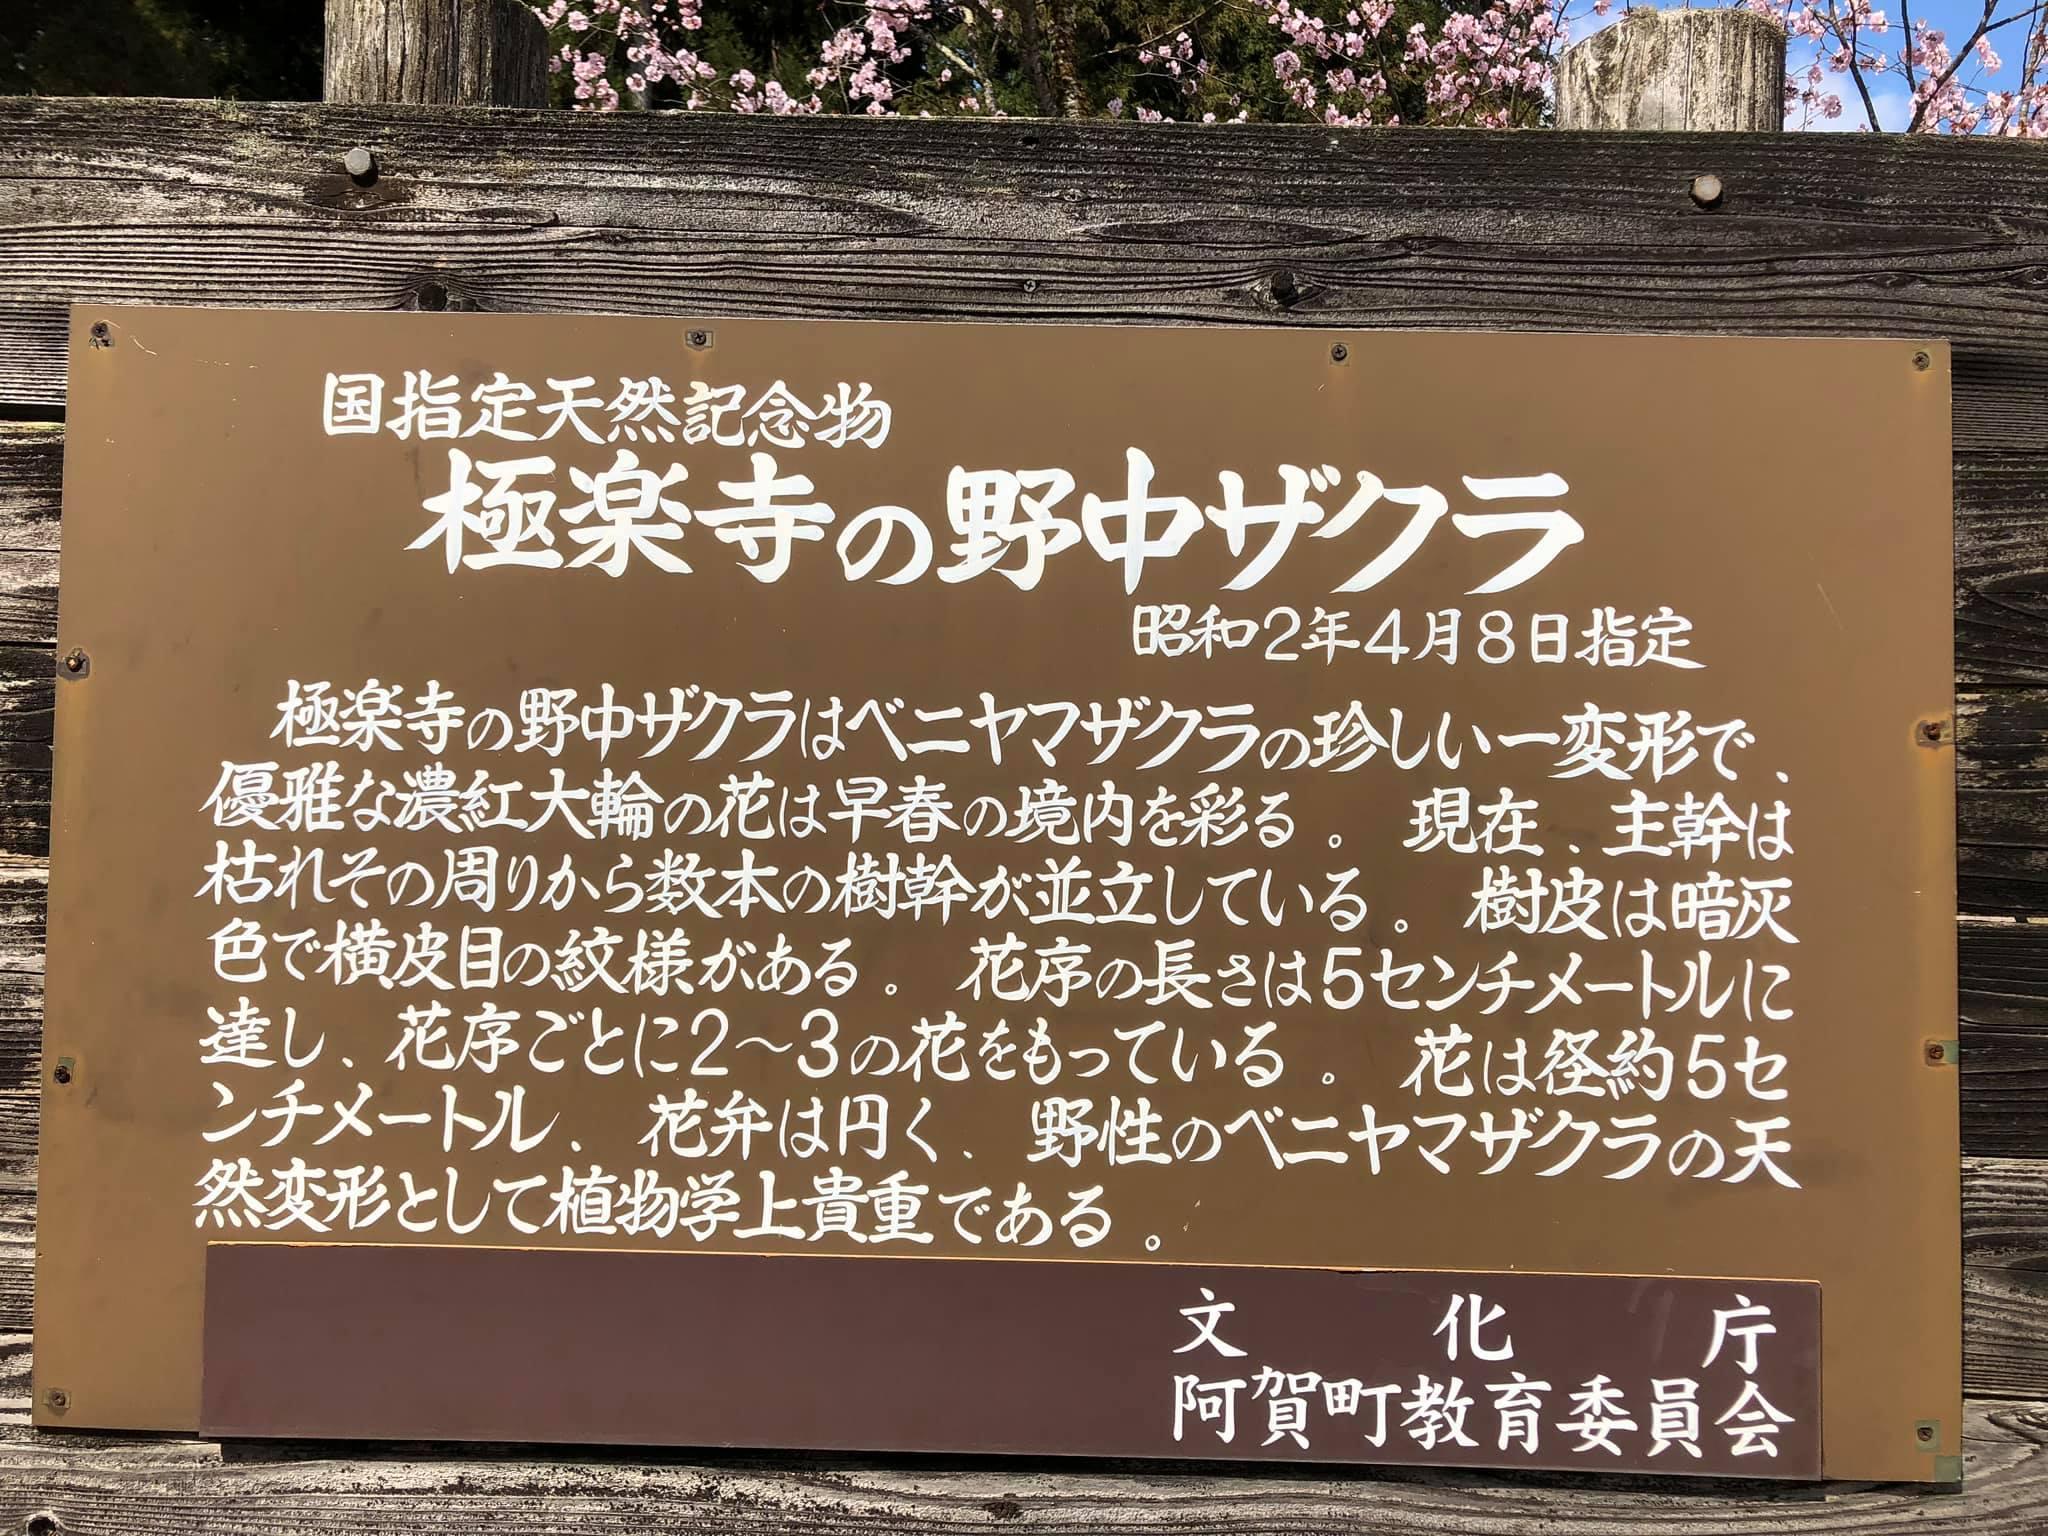 200411極楽寺の野中ザクラ003